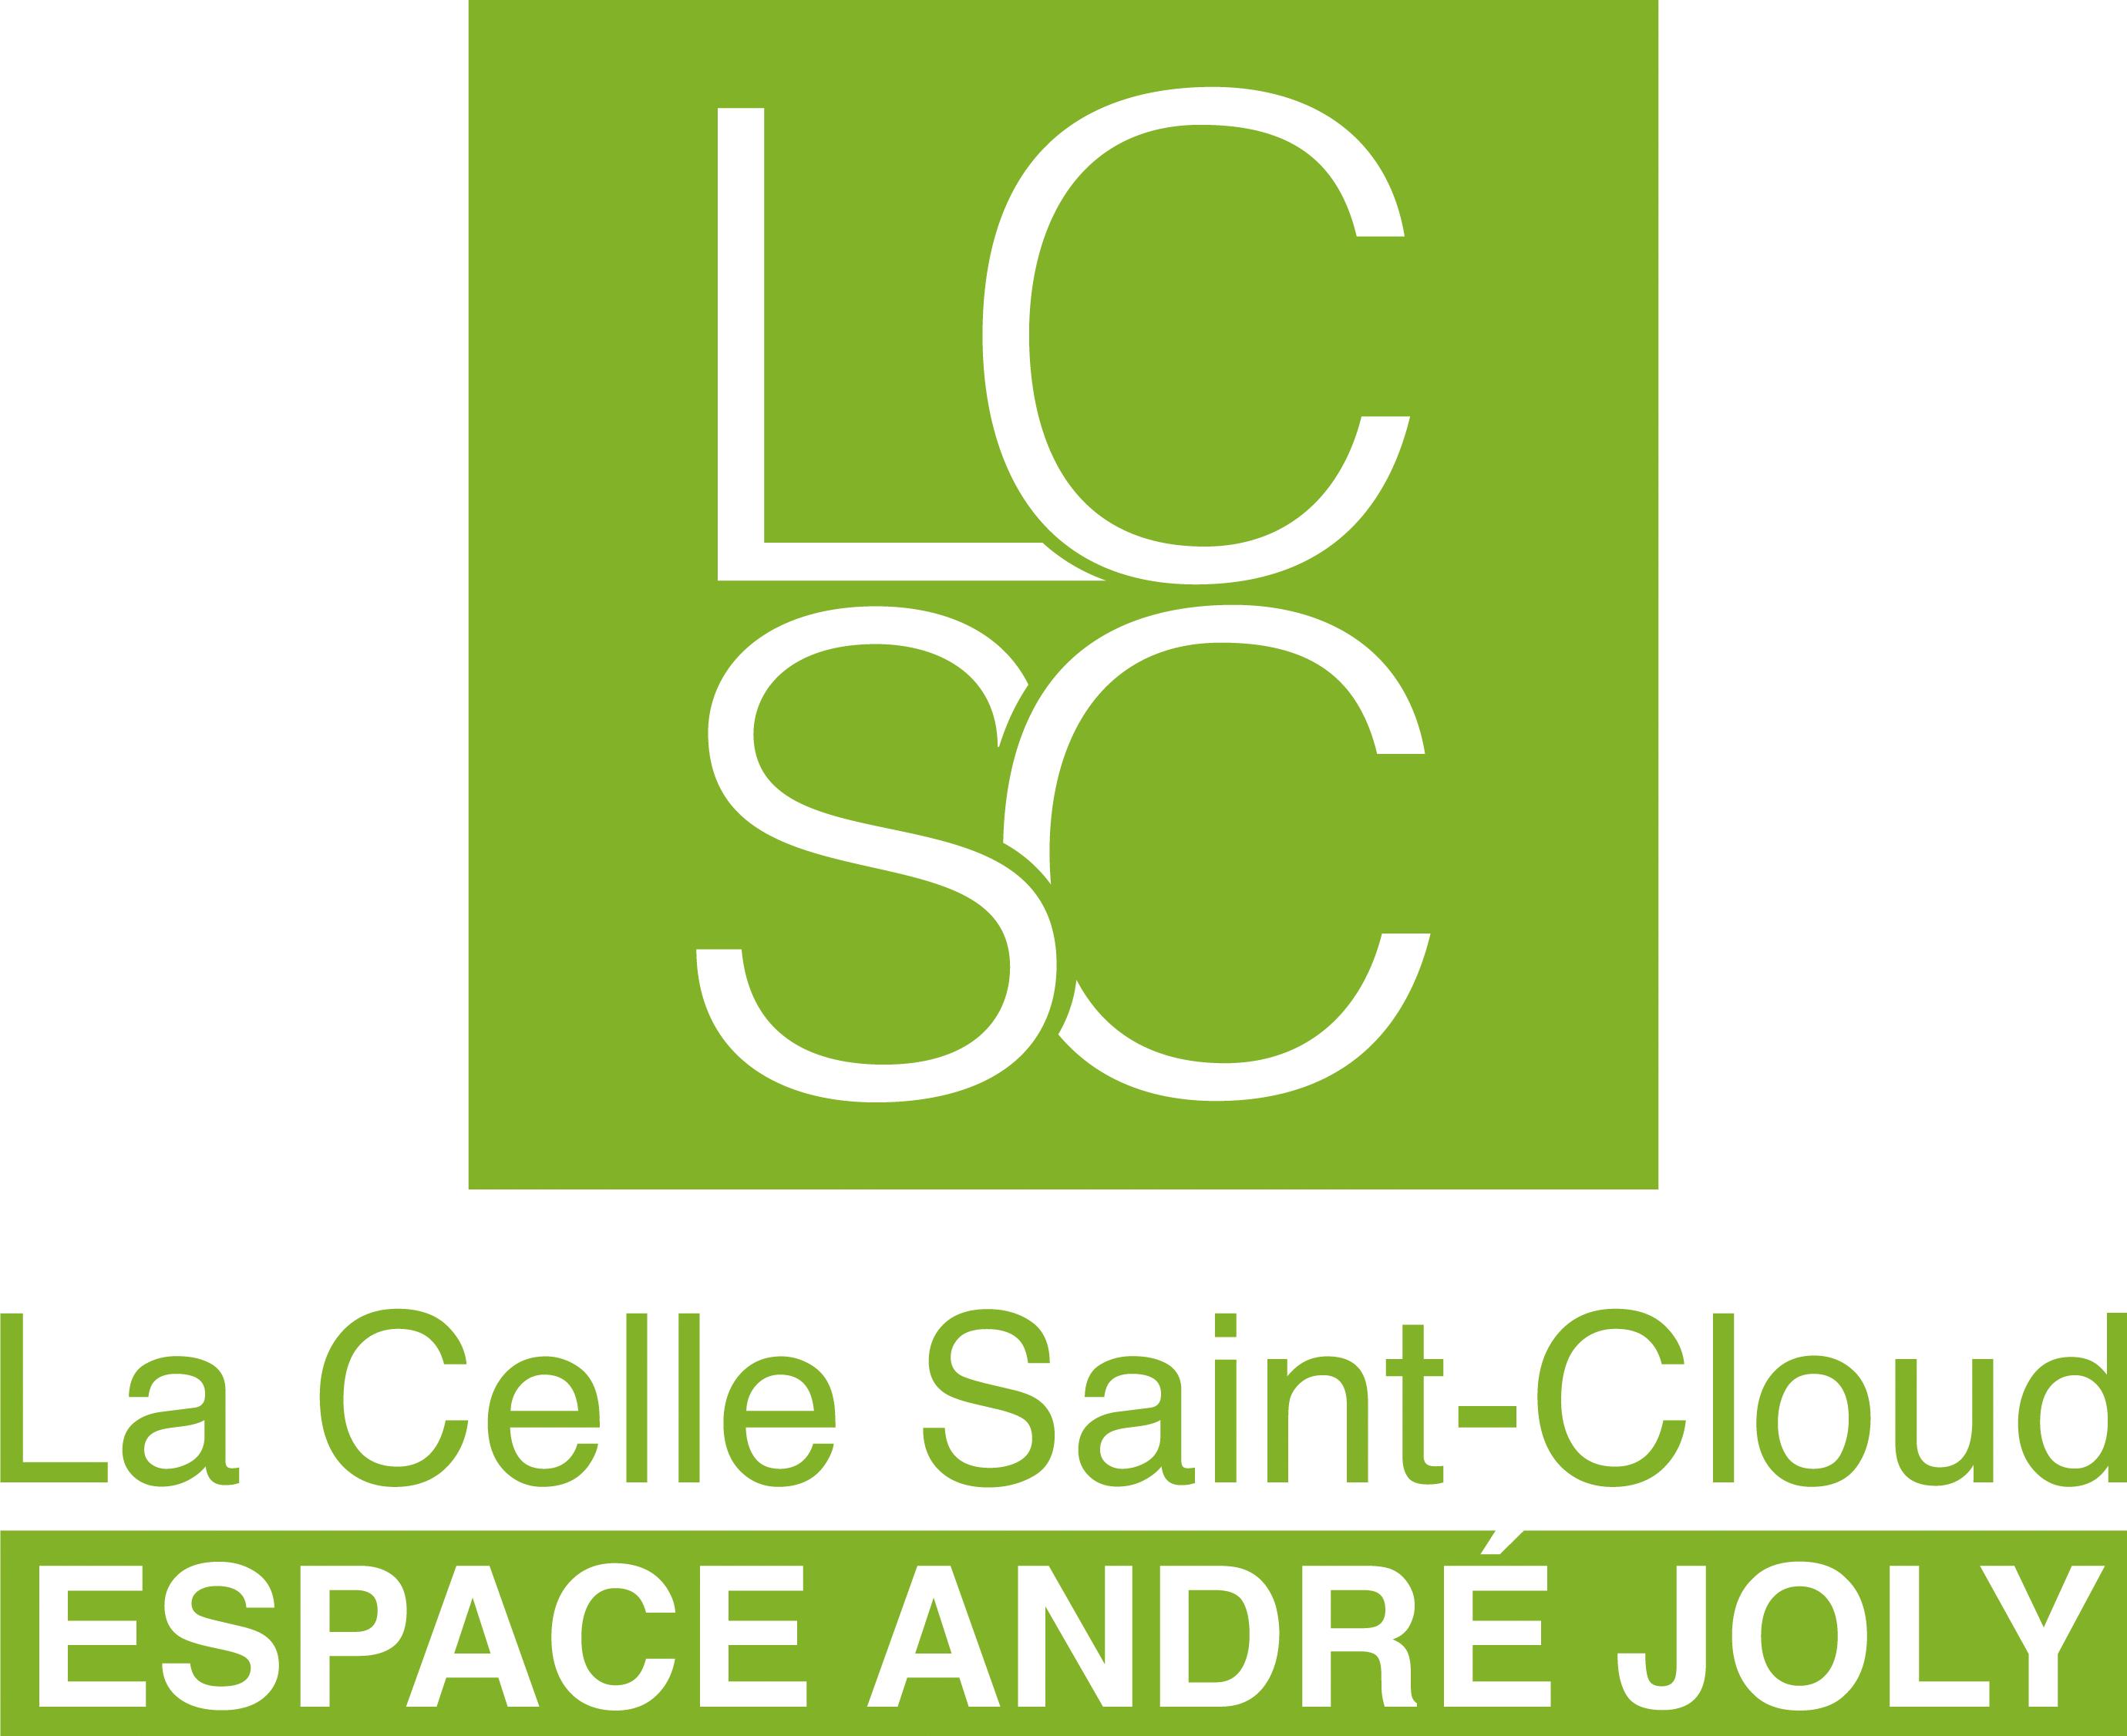 Caf La Celle Saint Cloud